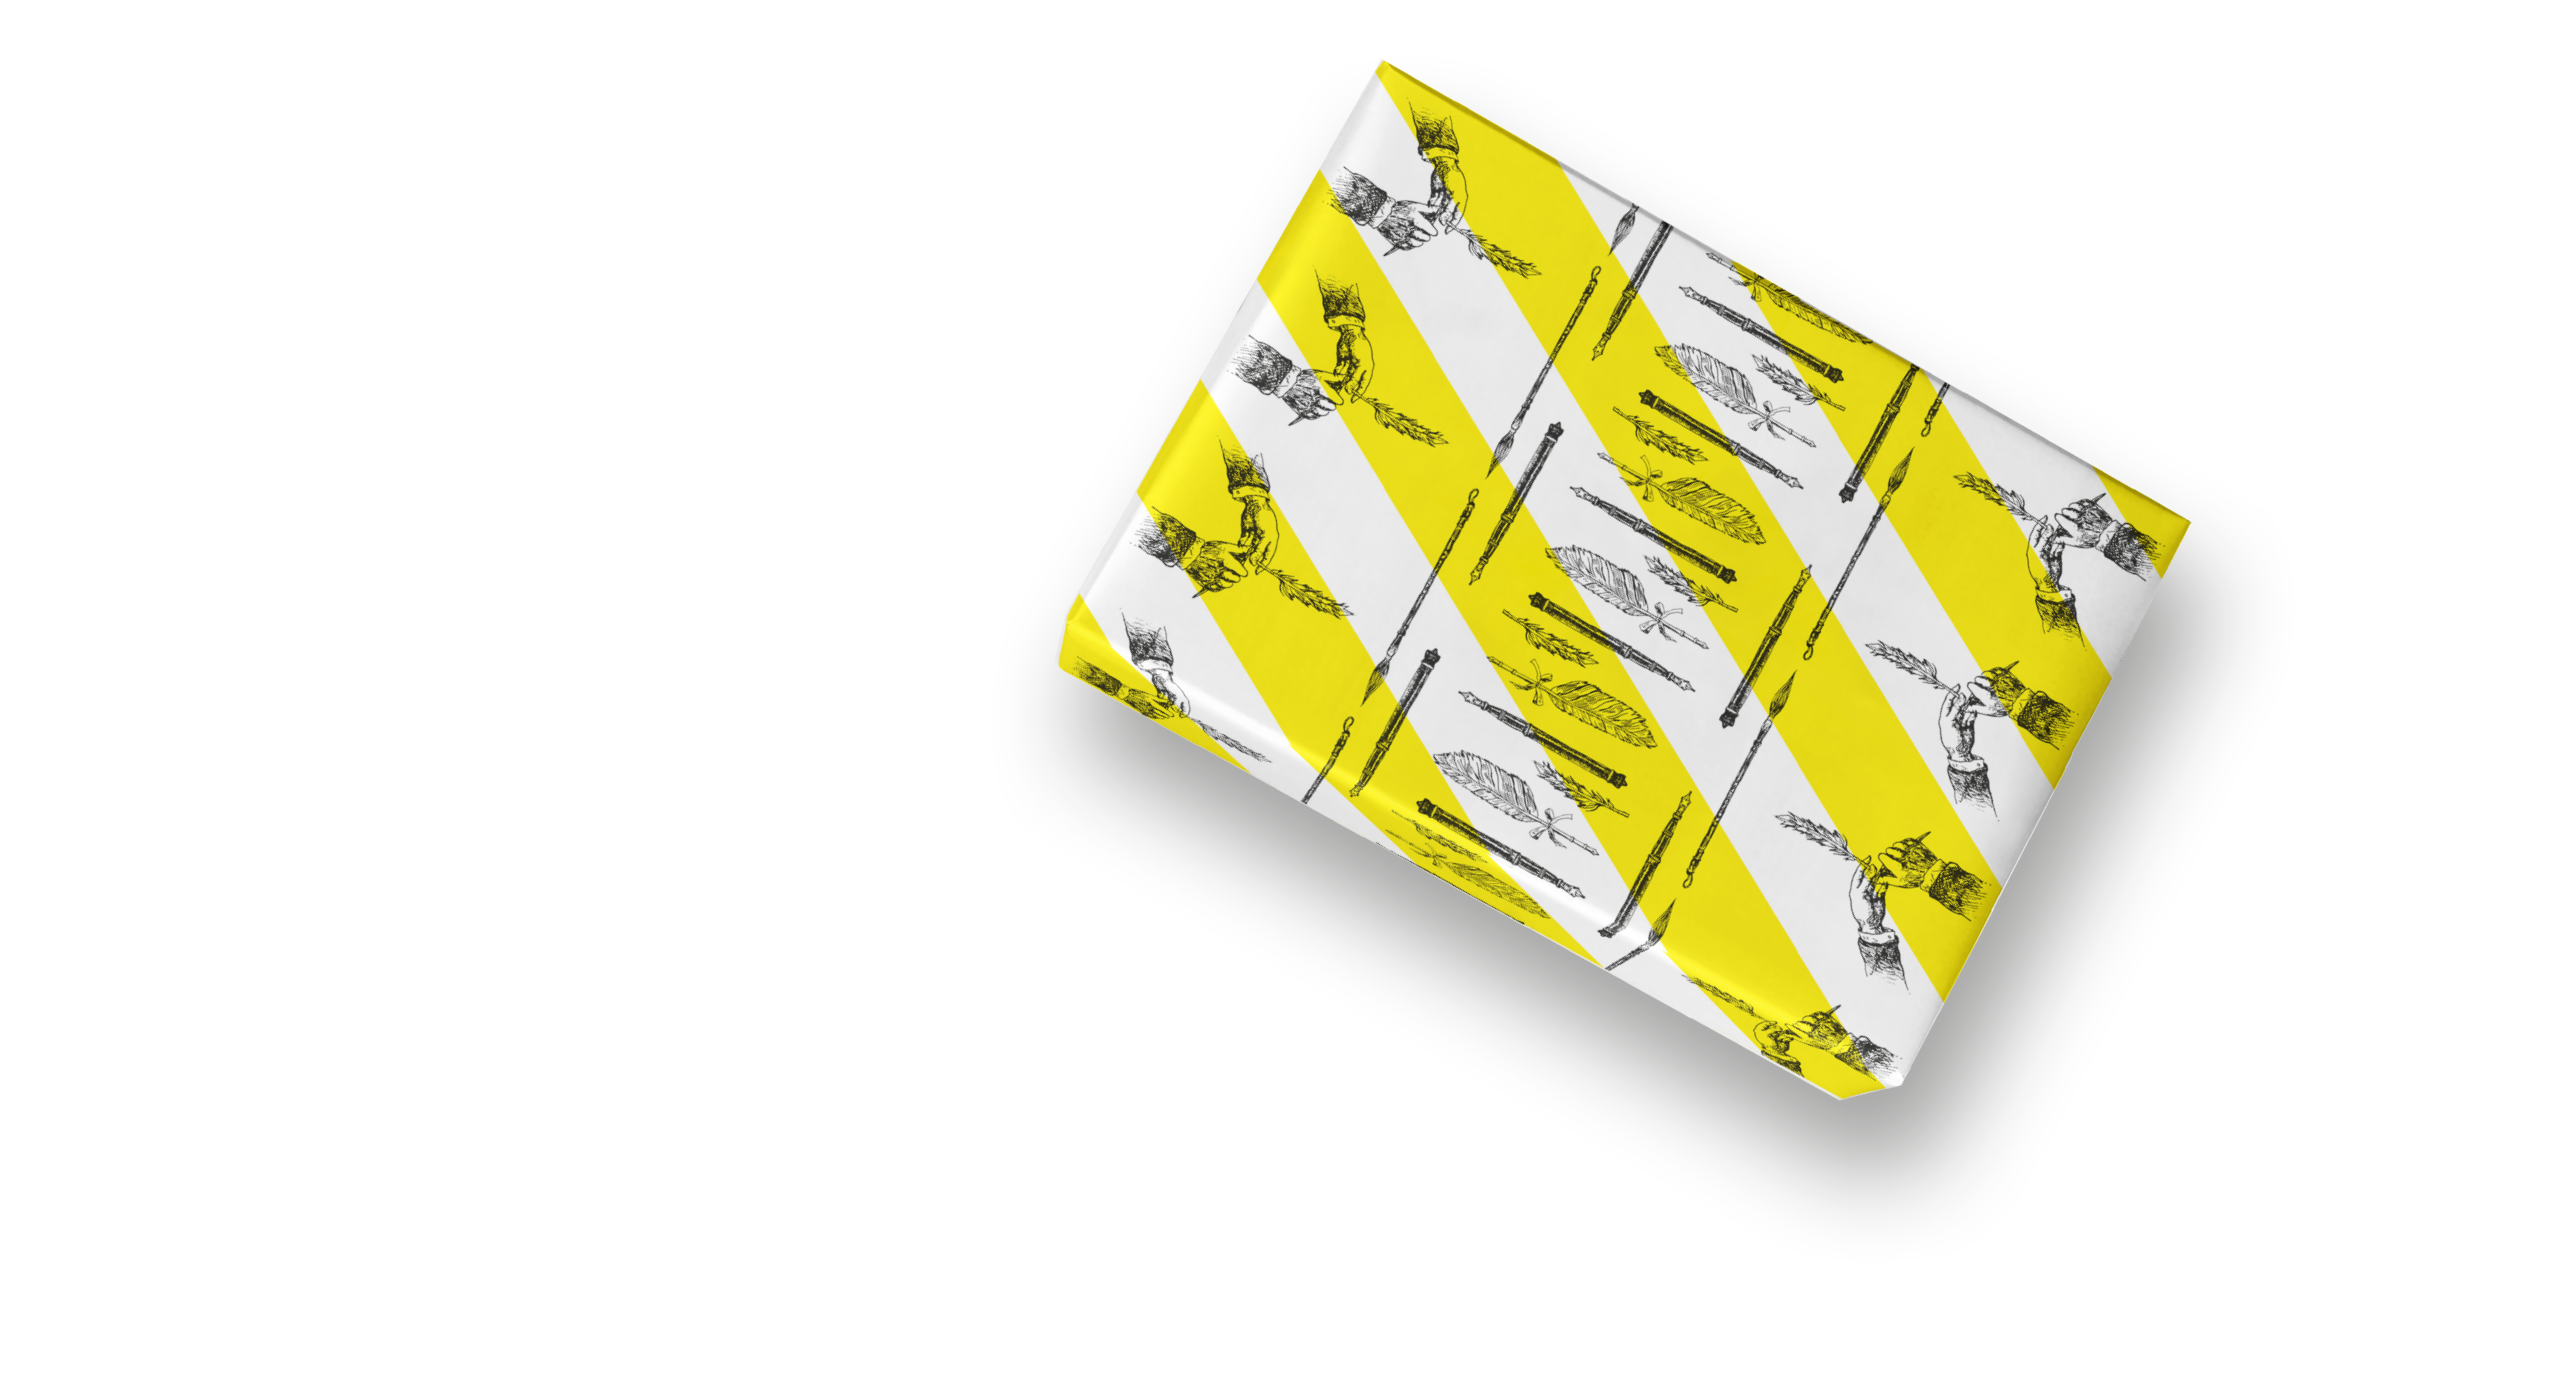 Ley + Wiegandt Geschenkpapier Geschenk Bourdonné Design